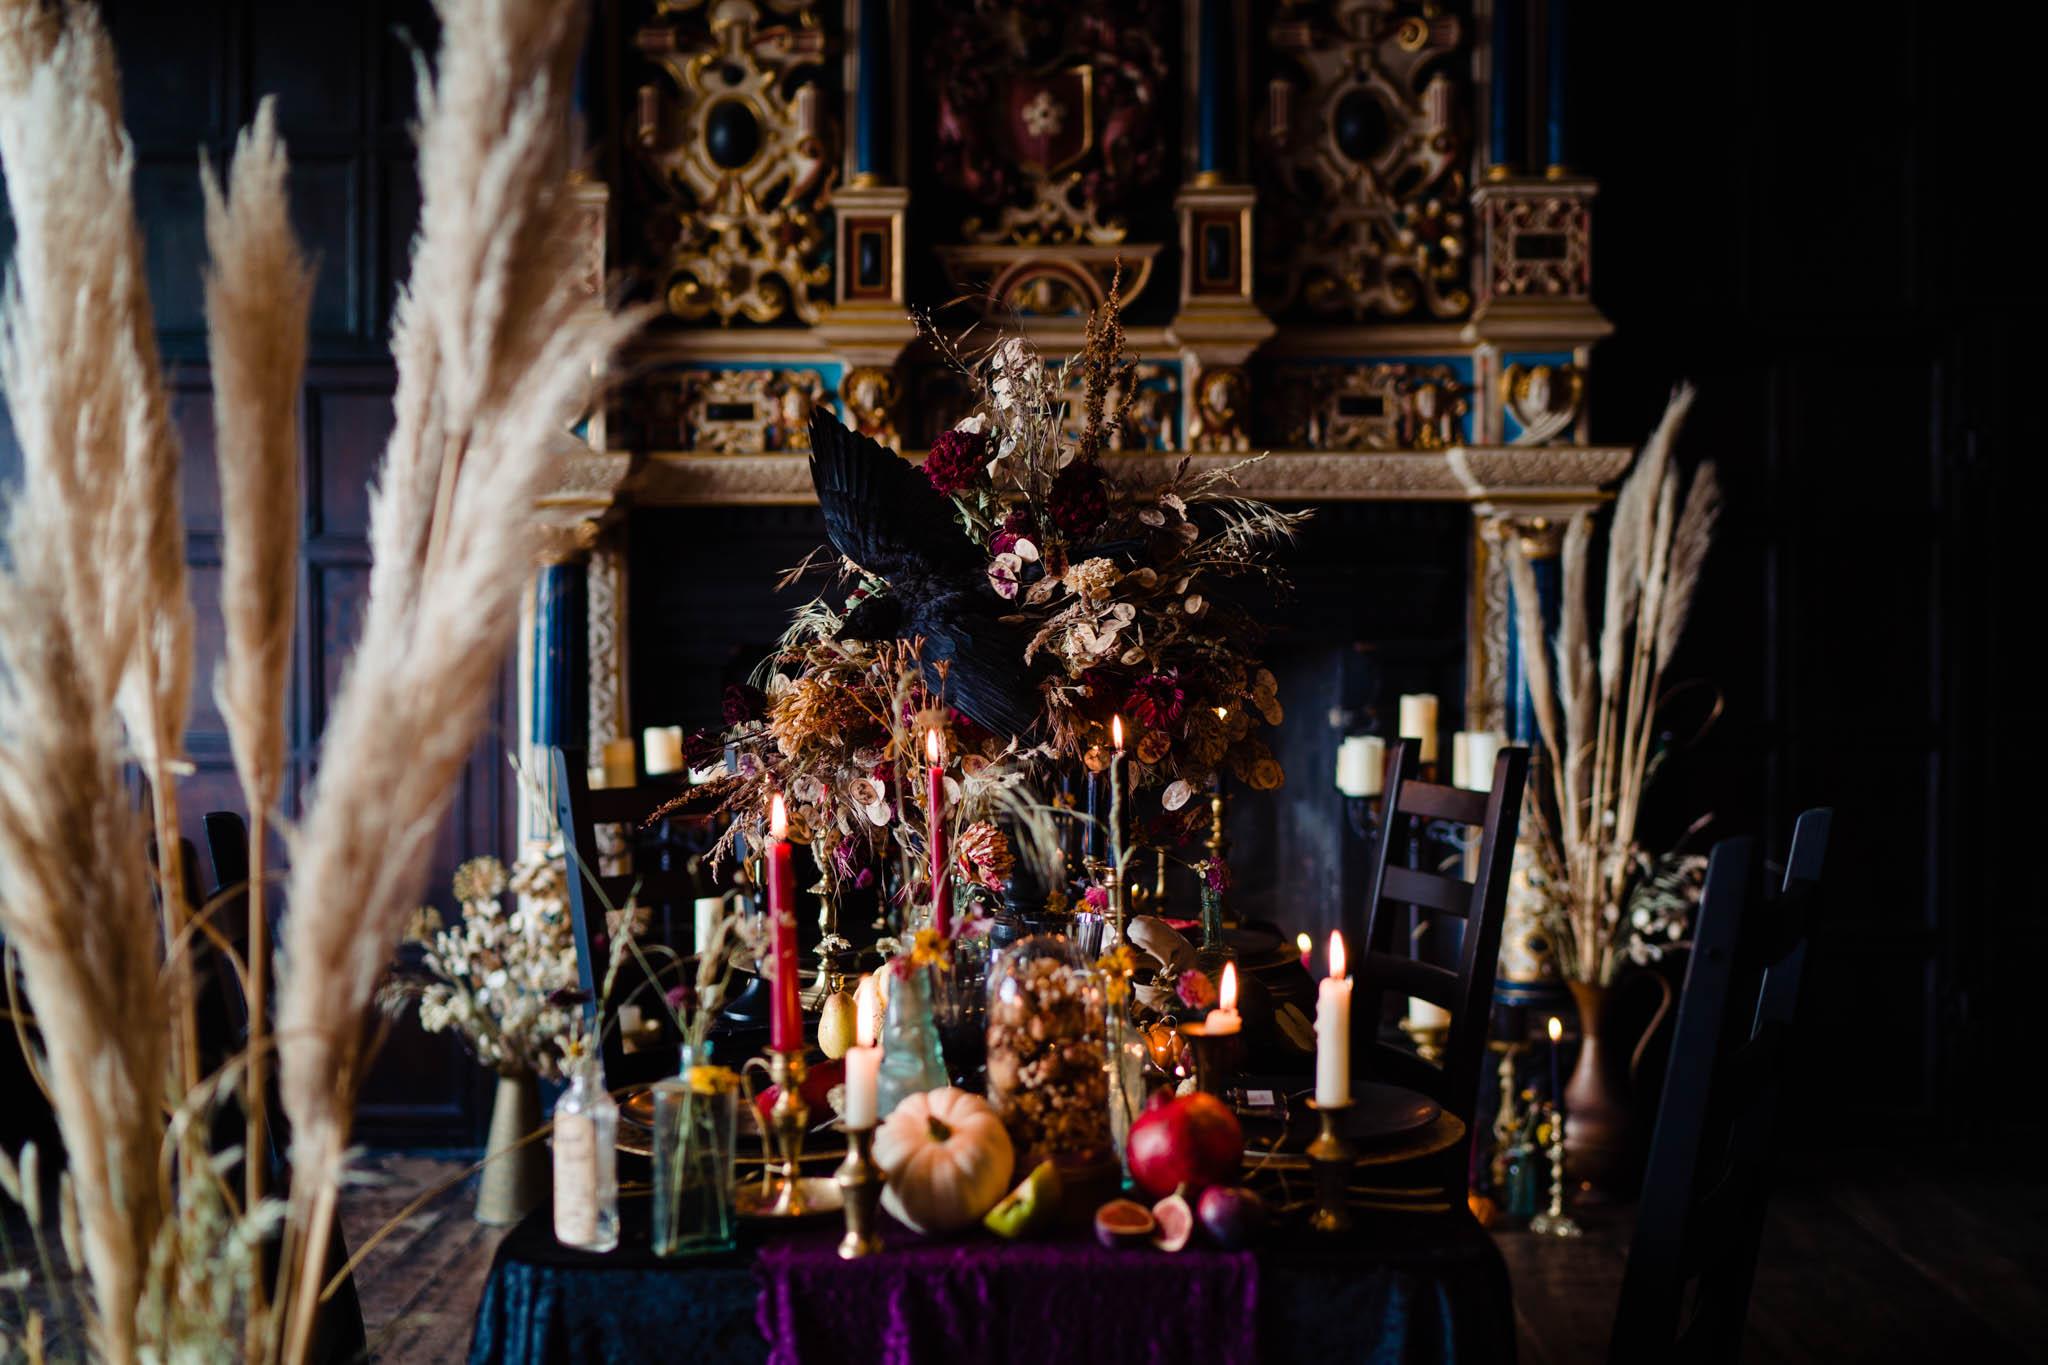 dark autumn wedding decoration with dried flowers